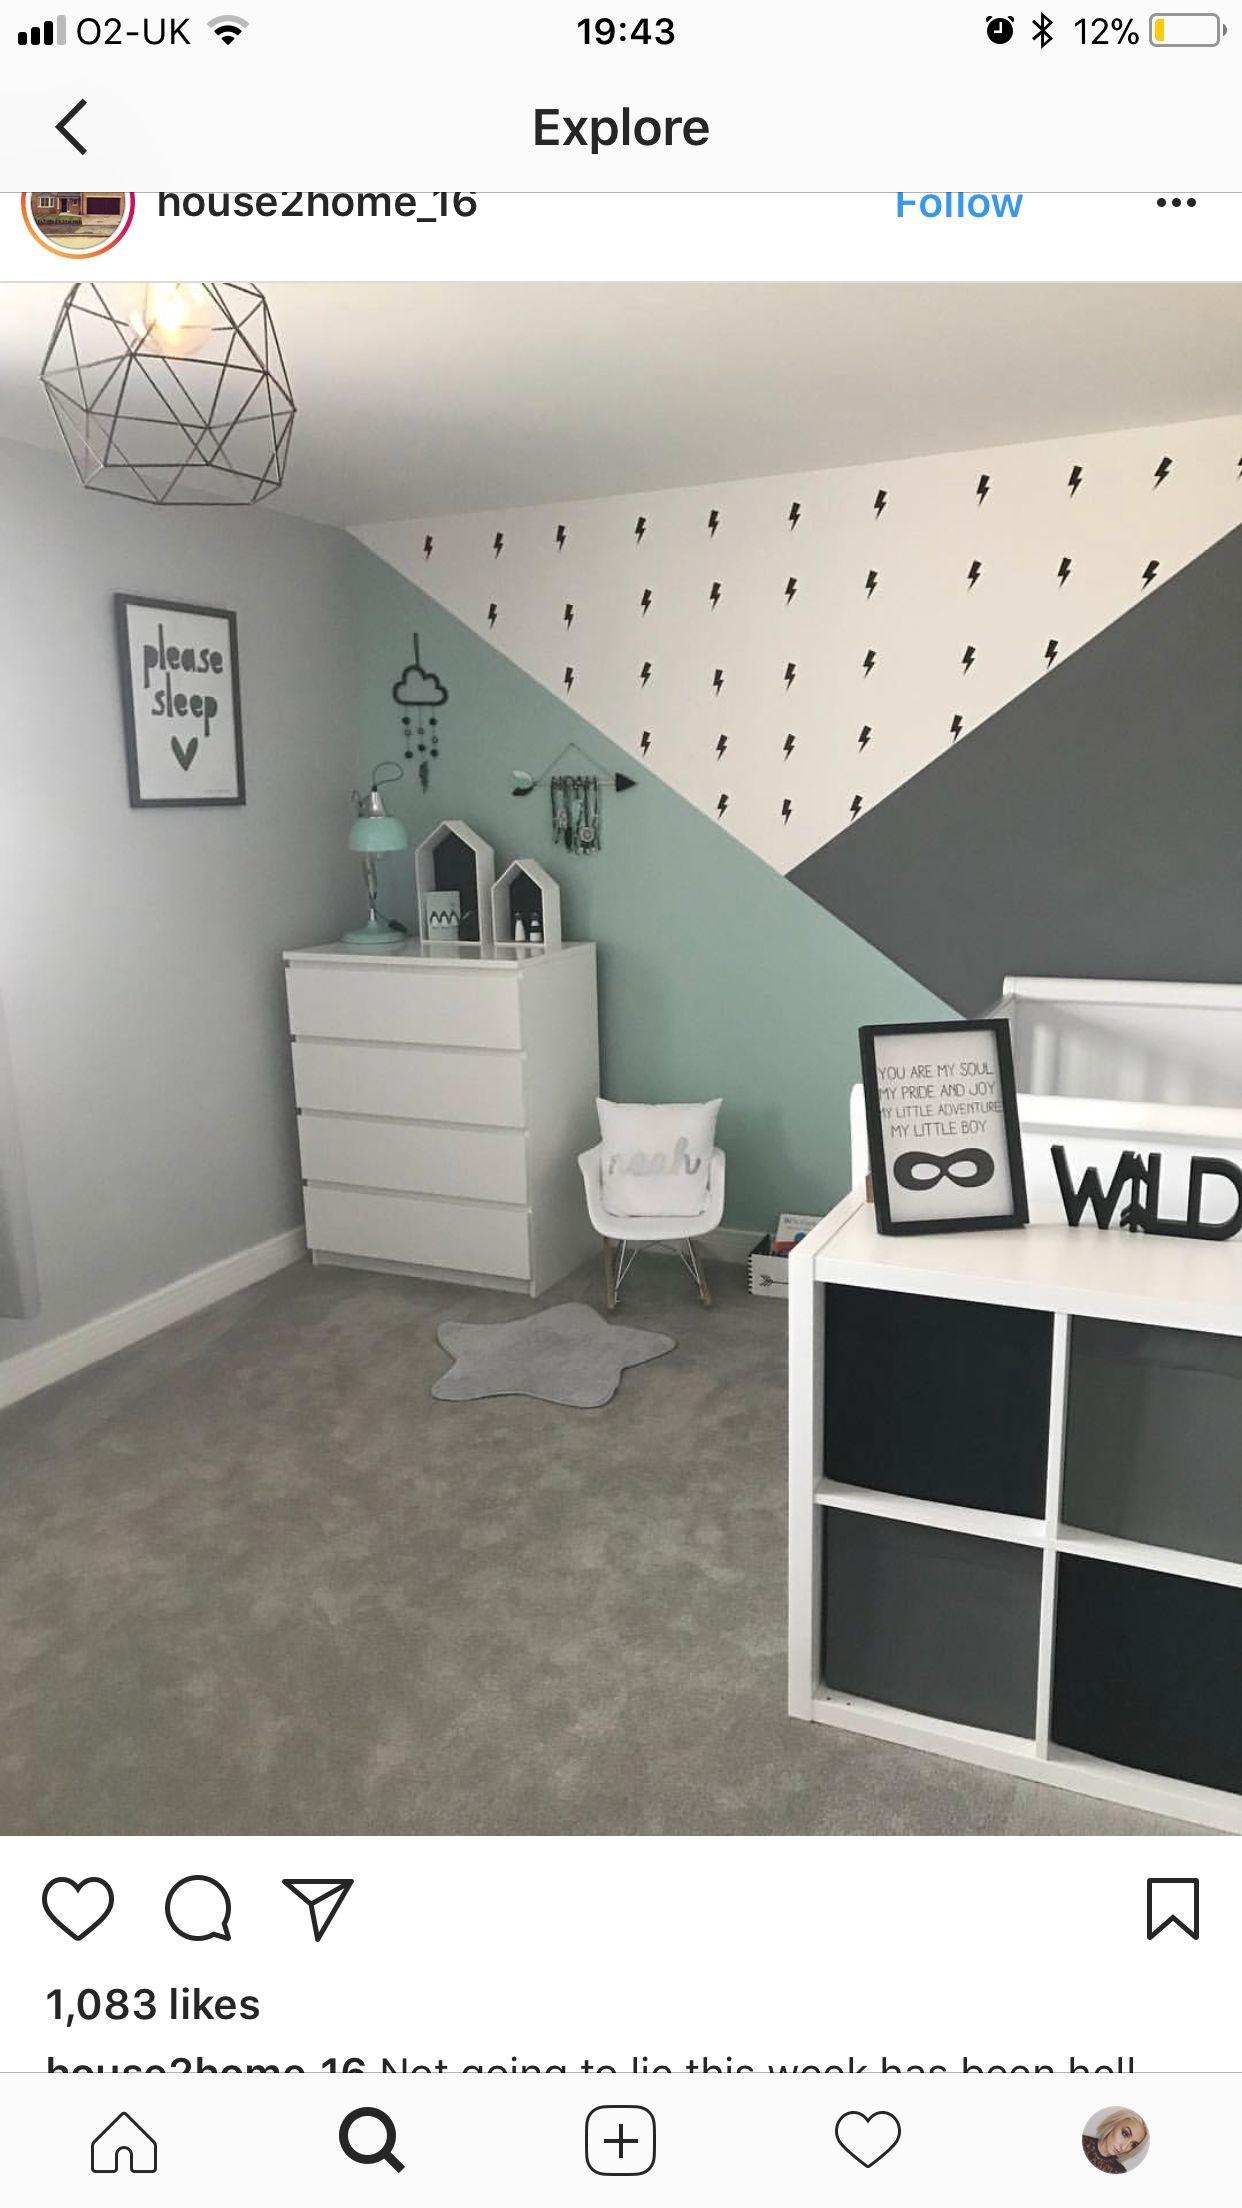 Kinderzimmer Ideen, Deko, Babyzimmer, Rund Umu0027s Baby, Kinderzimmer,  Kinderzimmer, Babyzimmer, Geteilte Schlafzimmer, Kinderzimmer (jungen)